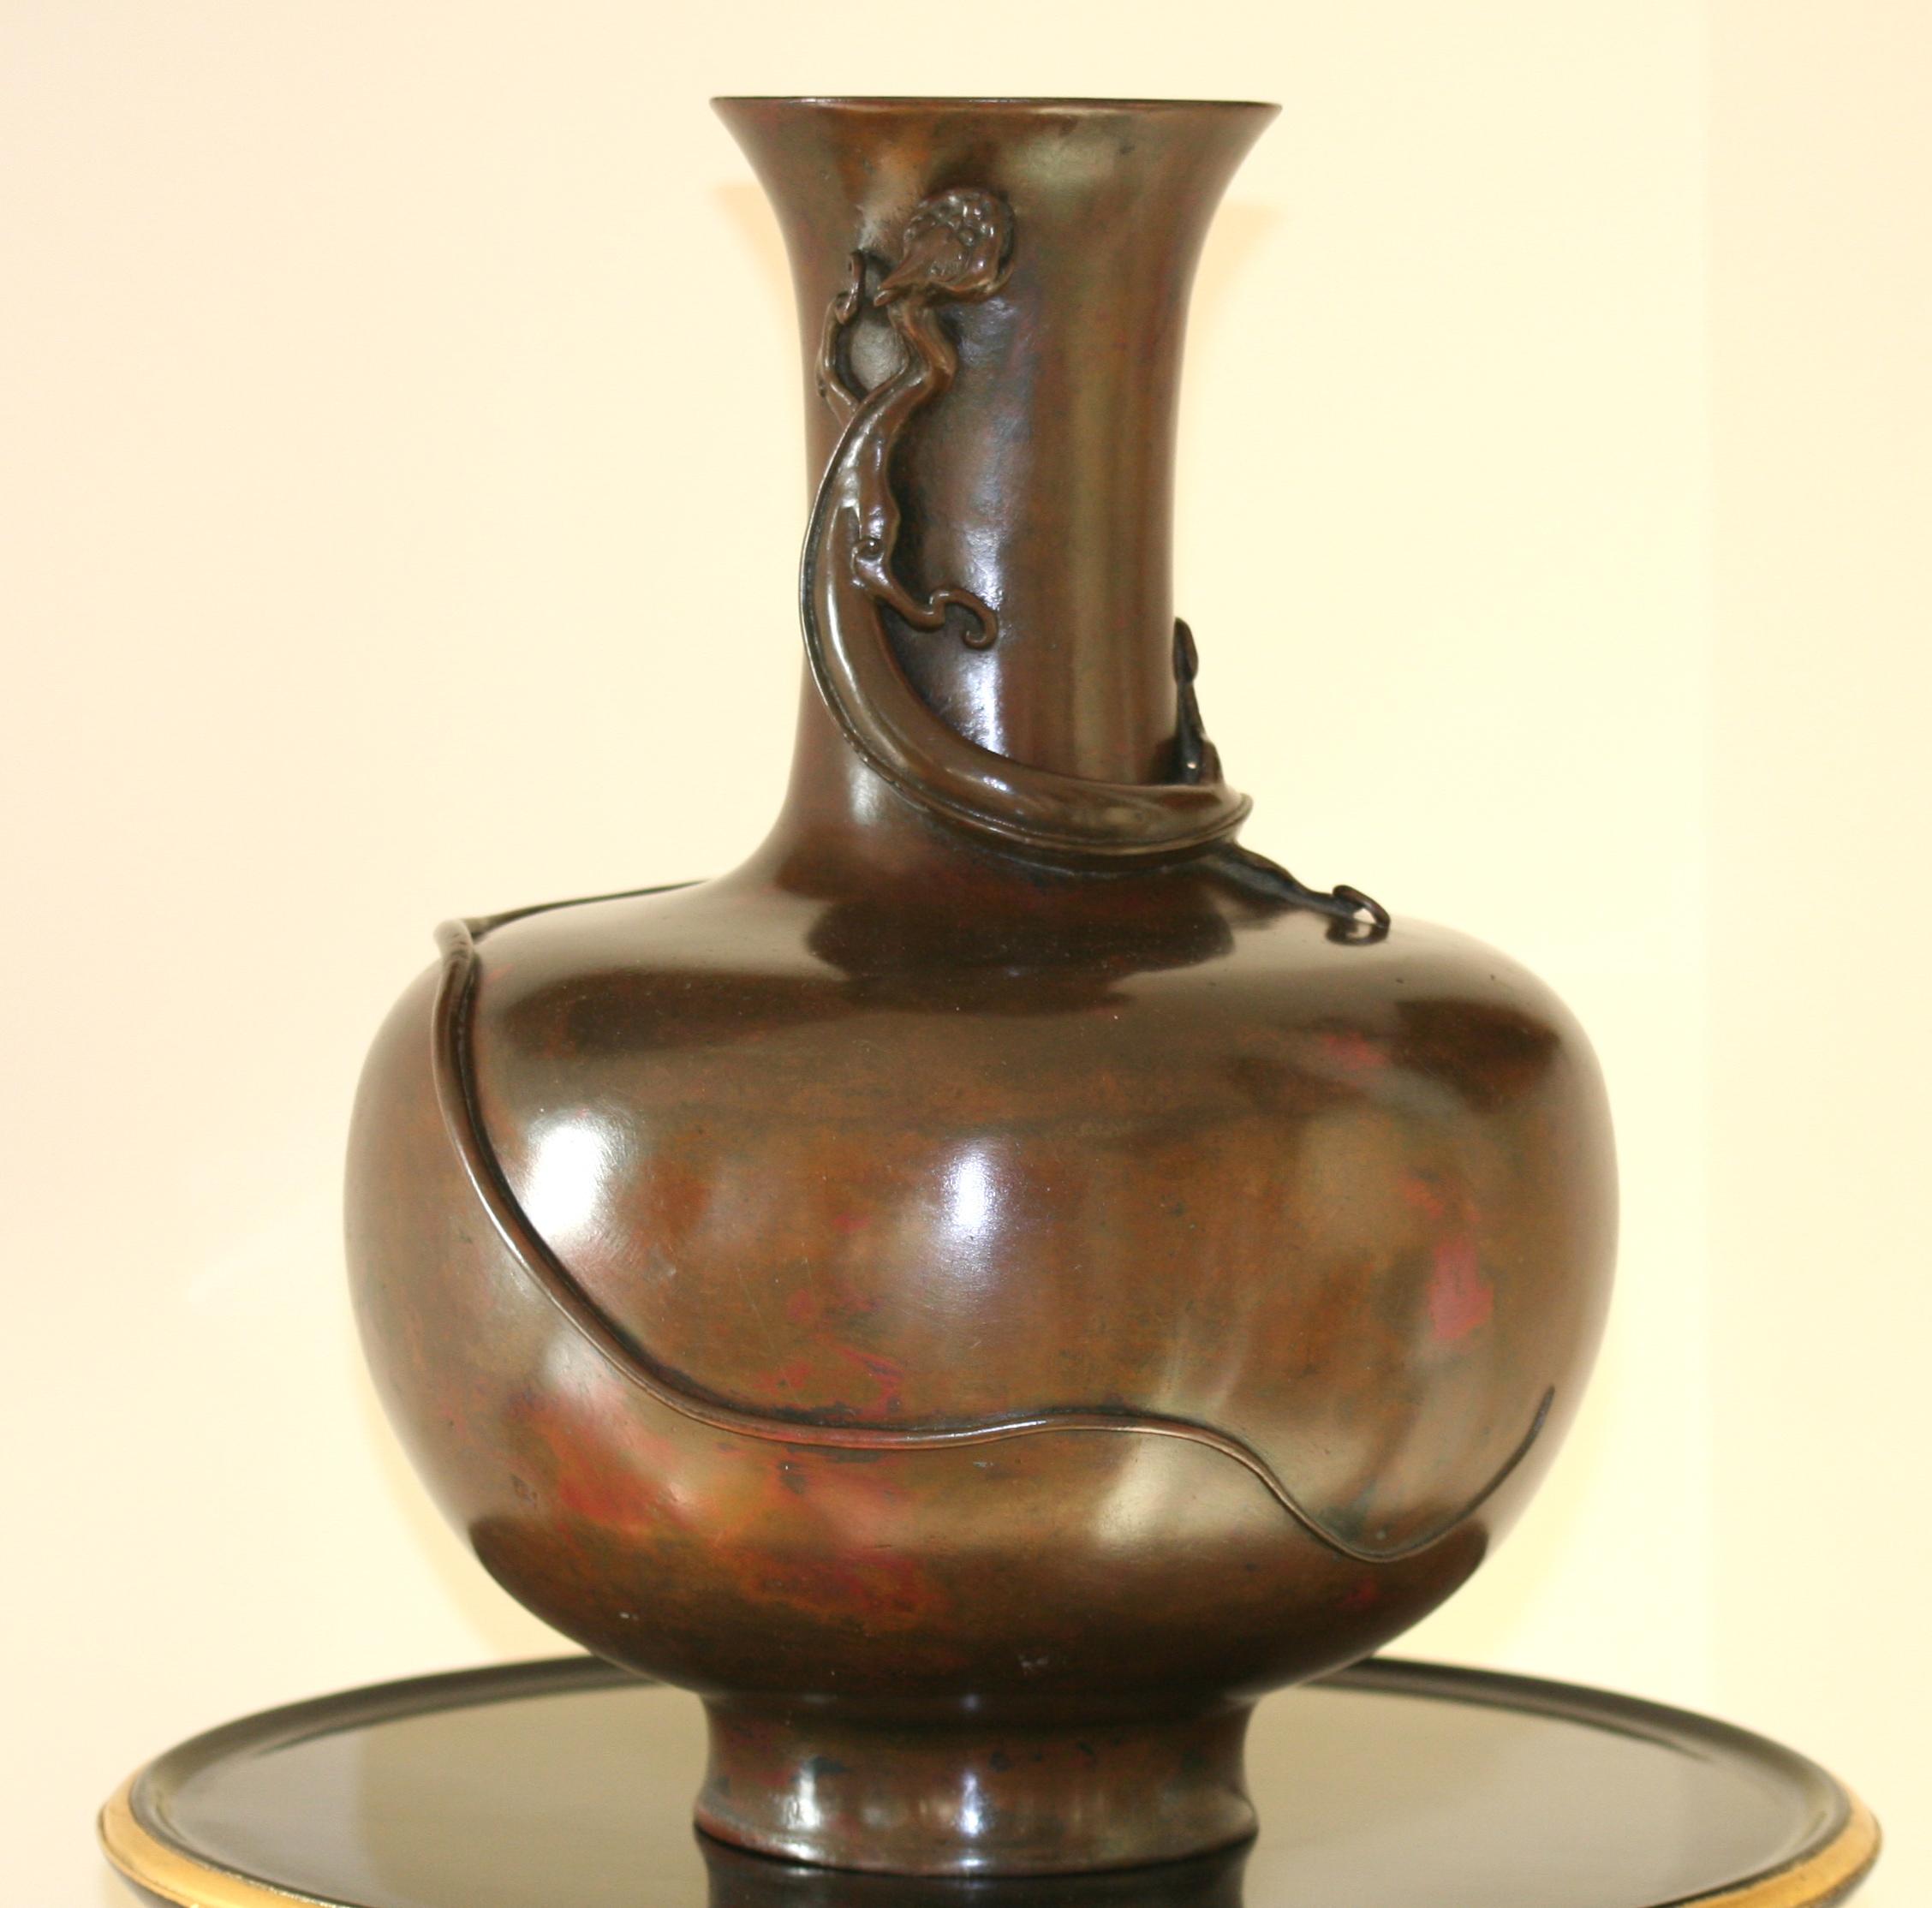 objets anciens pour d cors chics et contemporains antina market galerie d 39 antiquit s objets. Black Bedroom Furniture Sets. Home Design Ideas